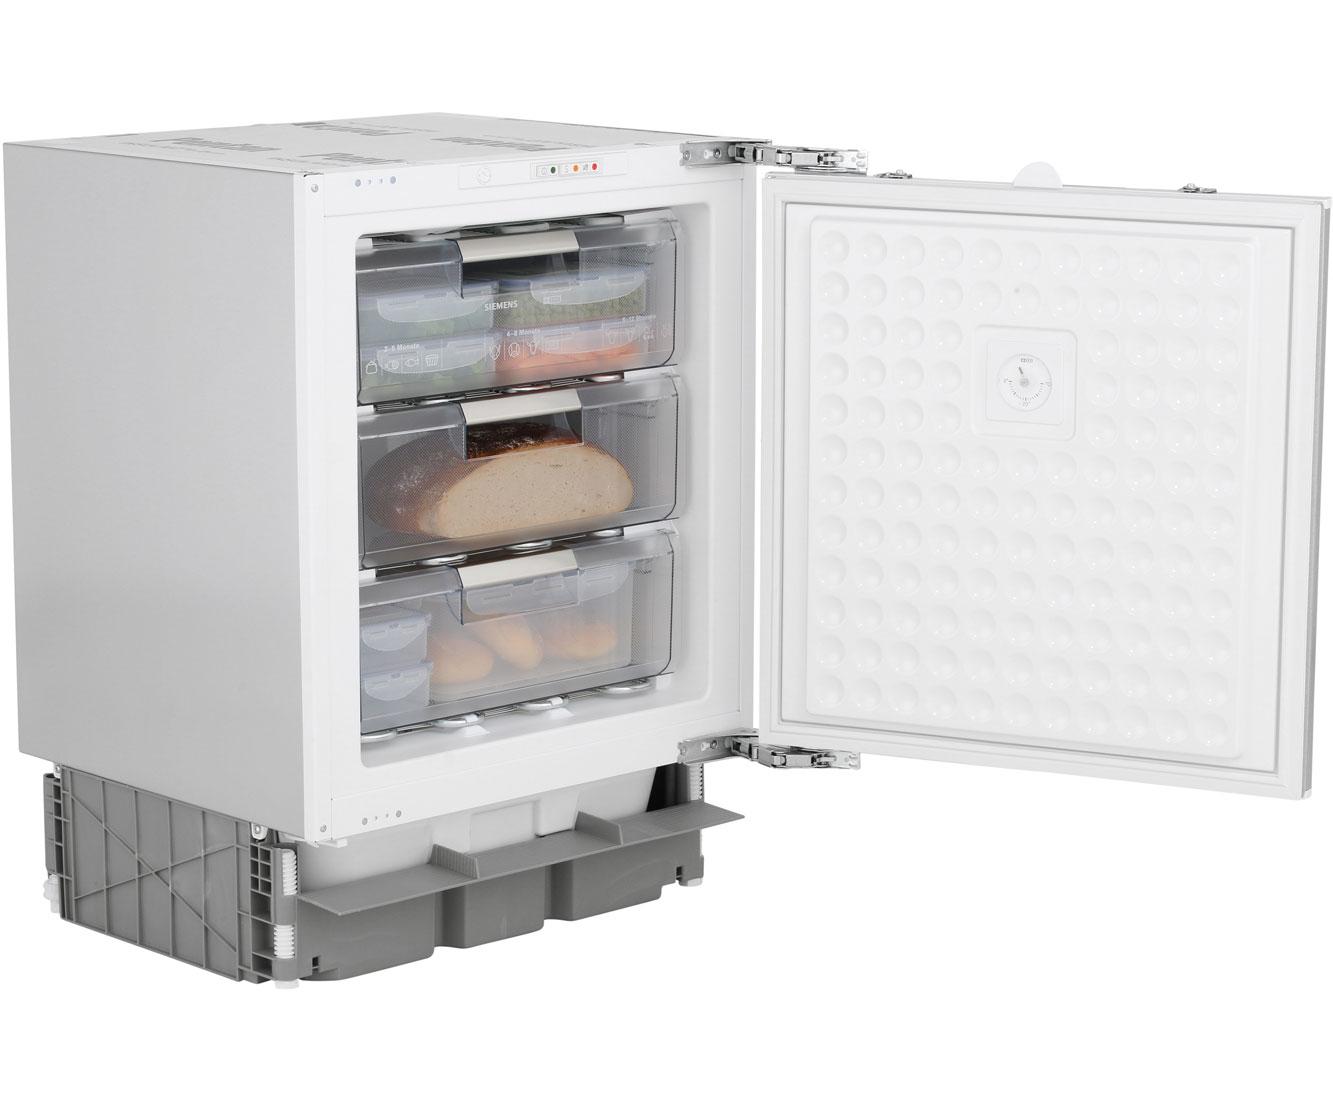 Siemens Kühlschrank Beschreibung : Siemens gefrierschrank no frost bedienungsanleitung ausreise info